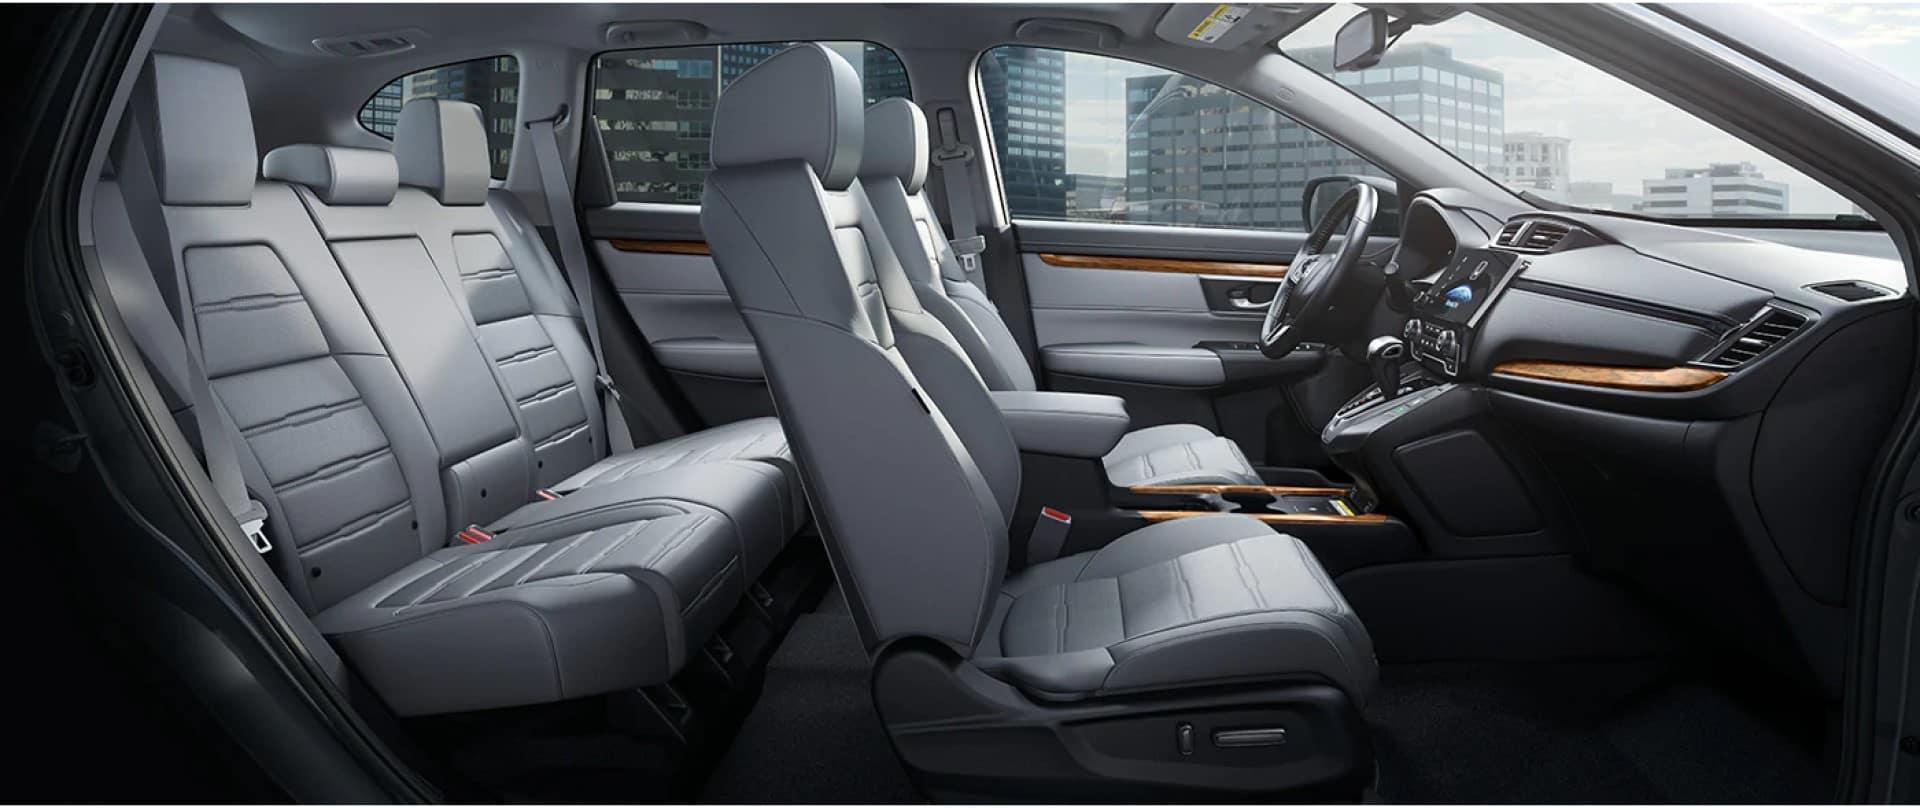 Honda_CR-V_Cabin_Space